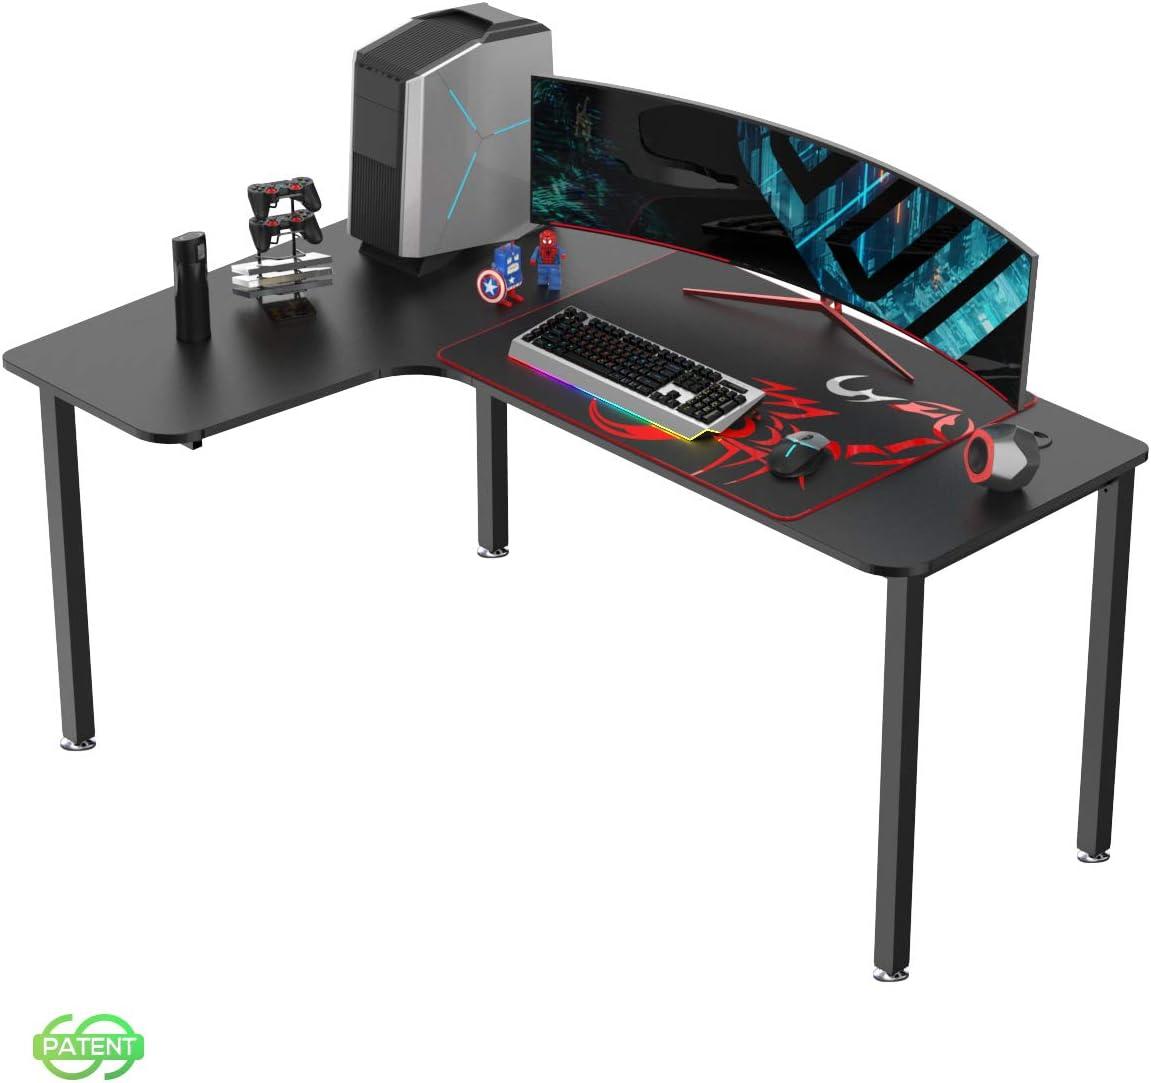 EUREKA ERGONOMIC Gaming Tisch L60 Eckschreibtisch Gaming Büro Schreibtisch L-förmige PC Tisch Gaming Groß Computerecktisch Gamer Tisch 155 * 110 cm…